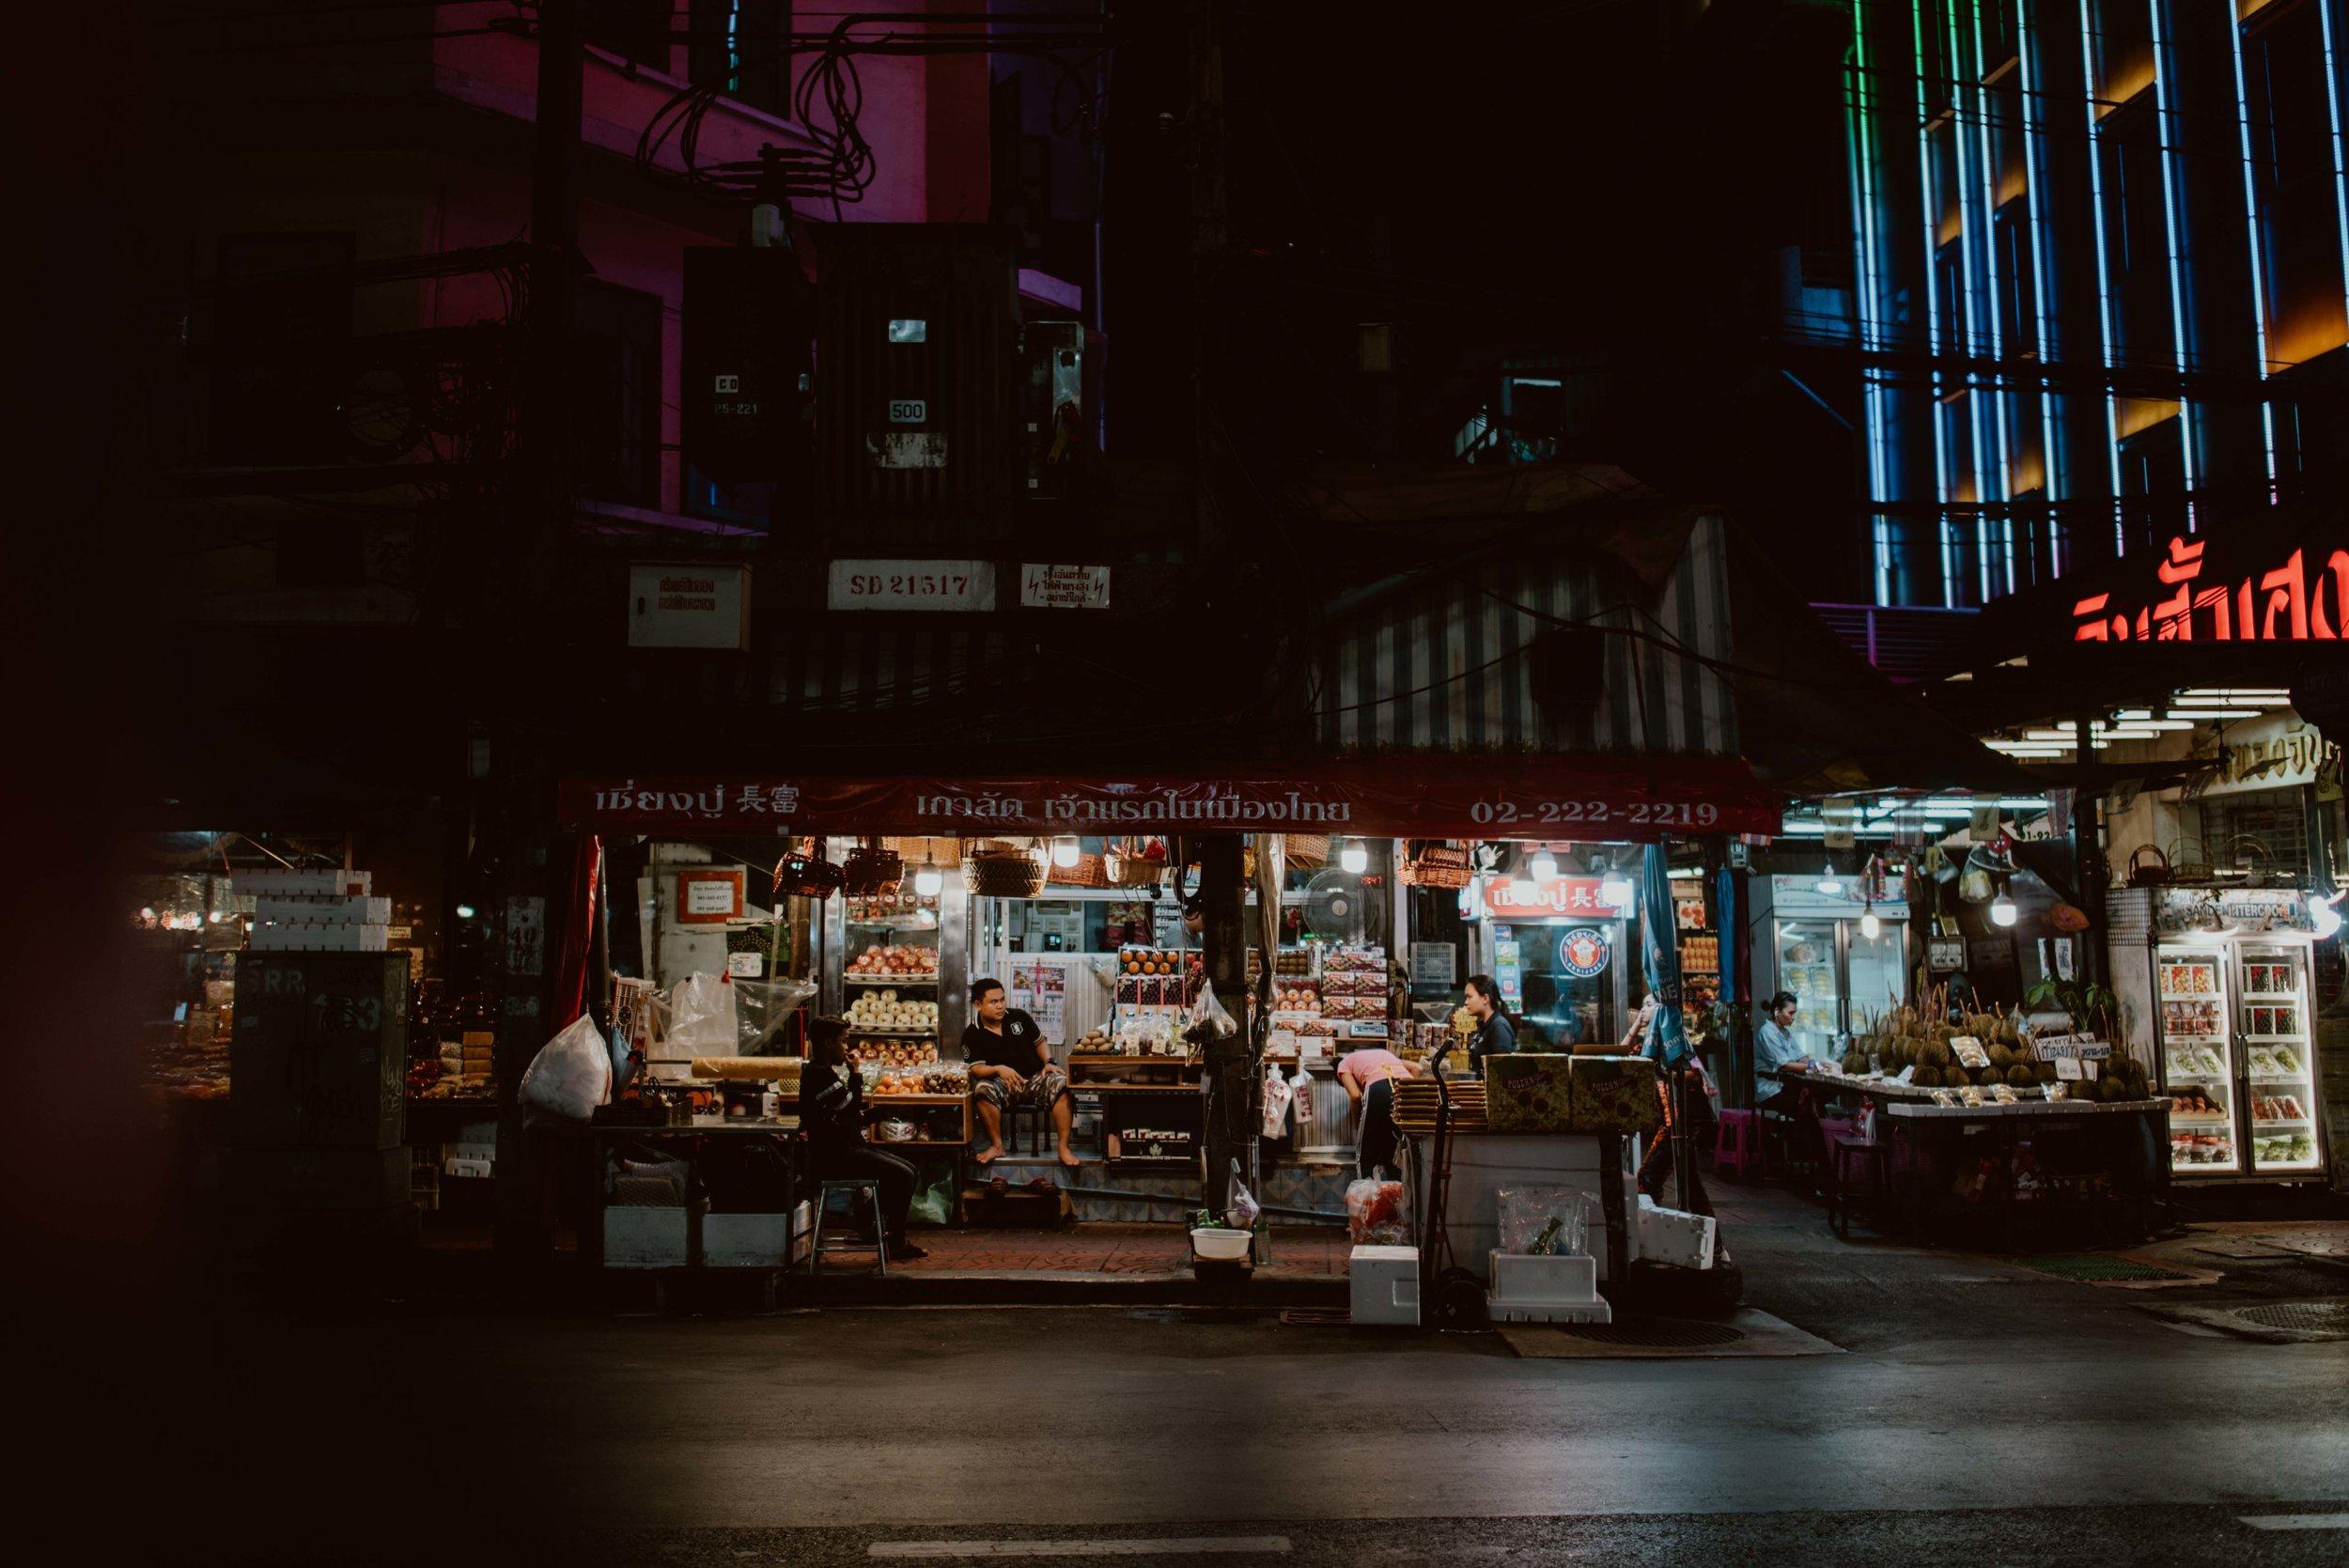 Bangkok-losebano-36.jpg